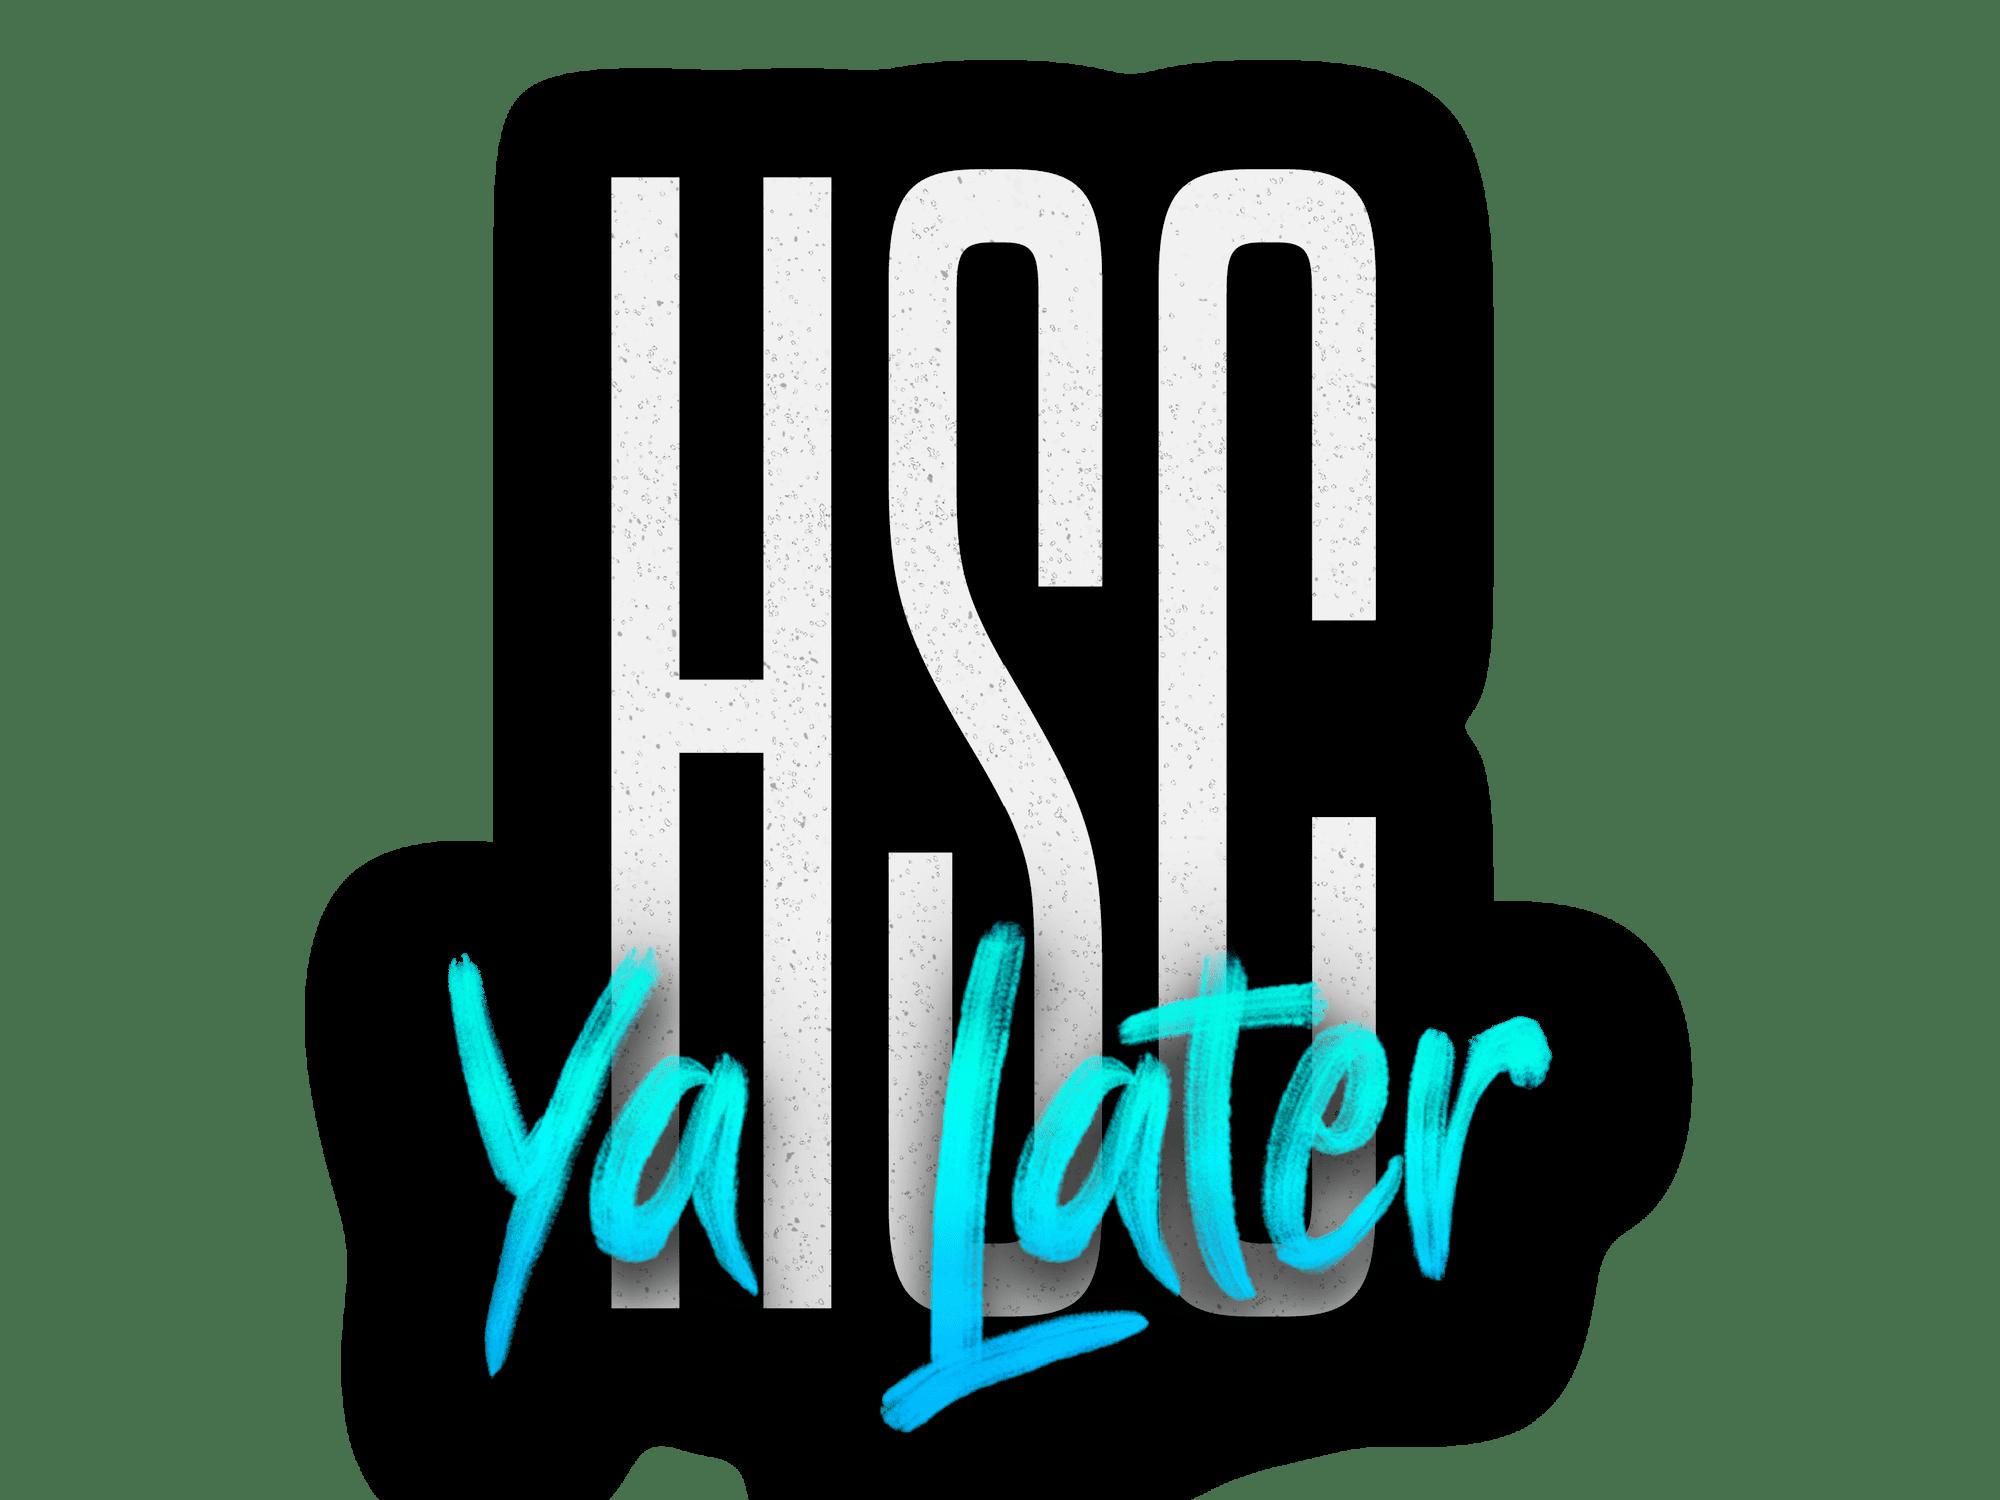 HSC Ya Later Year 13